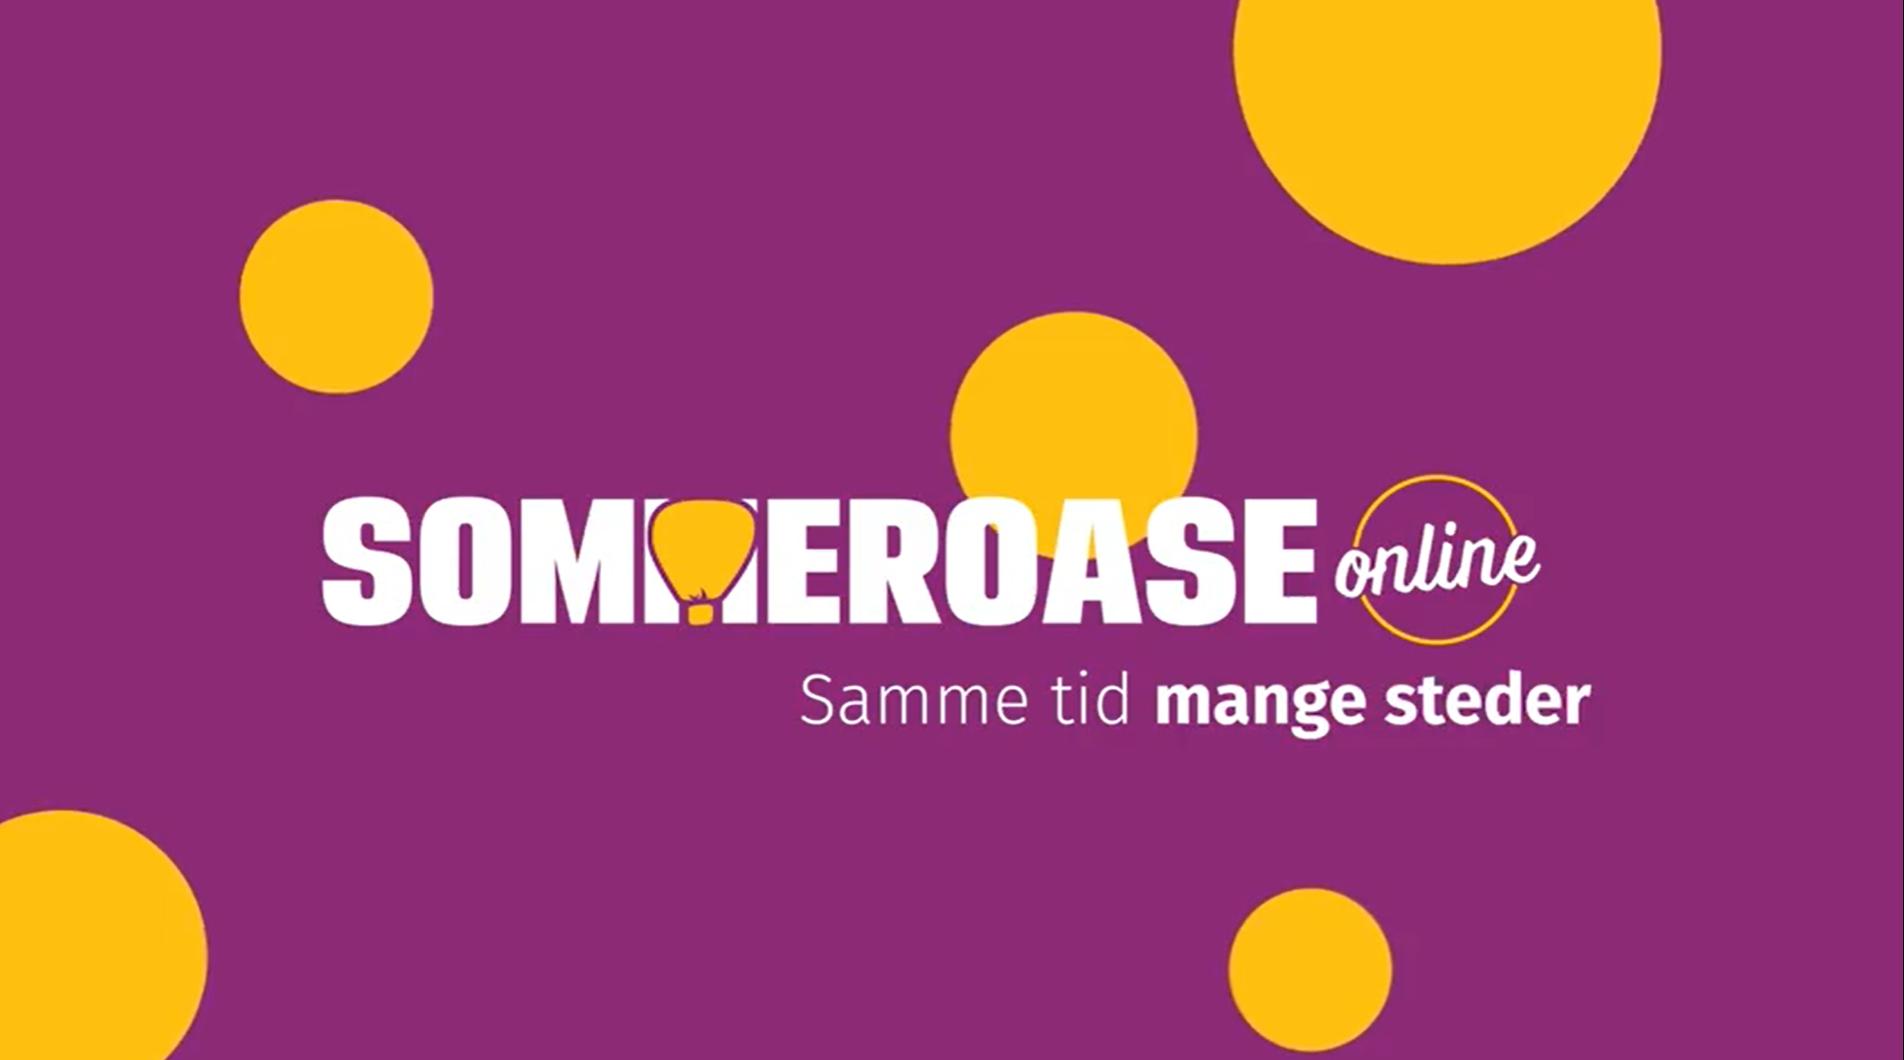 Se tema og program fra SommerOase online